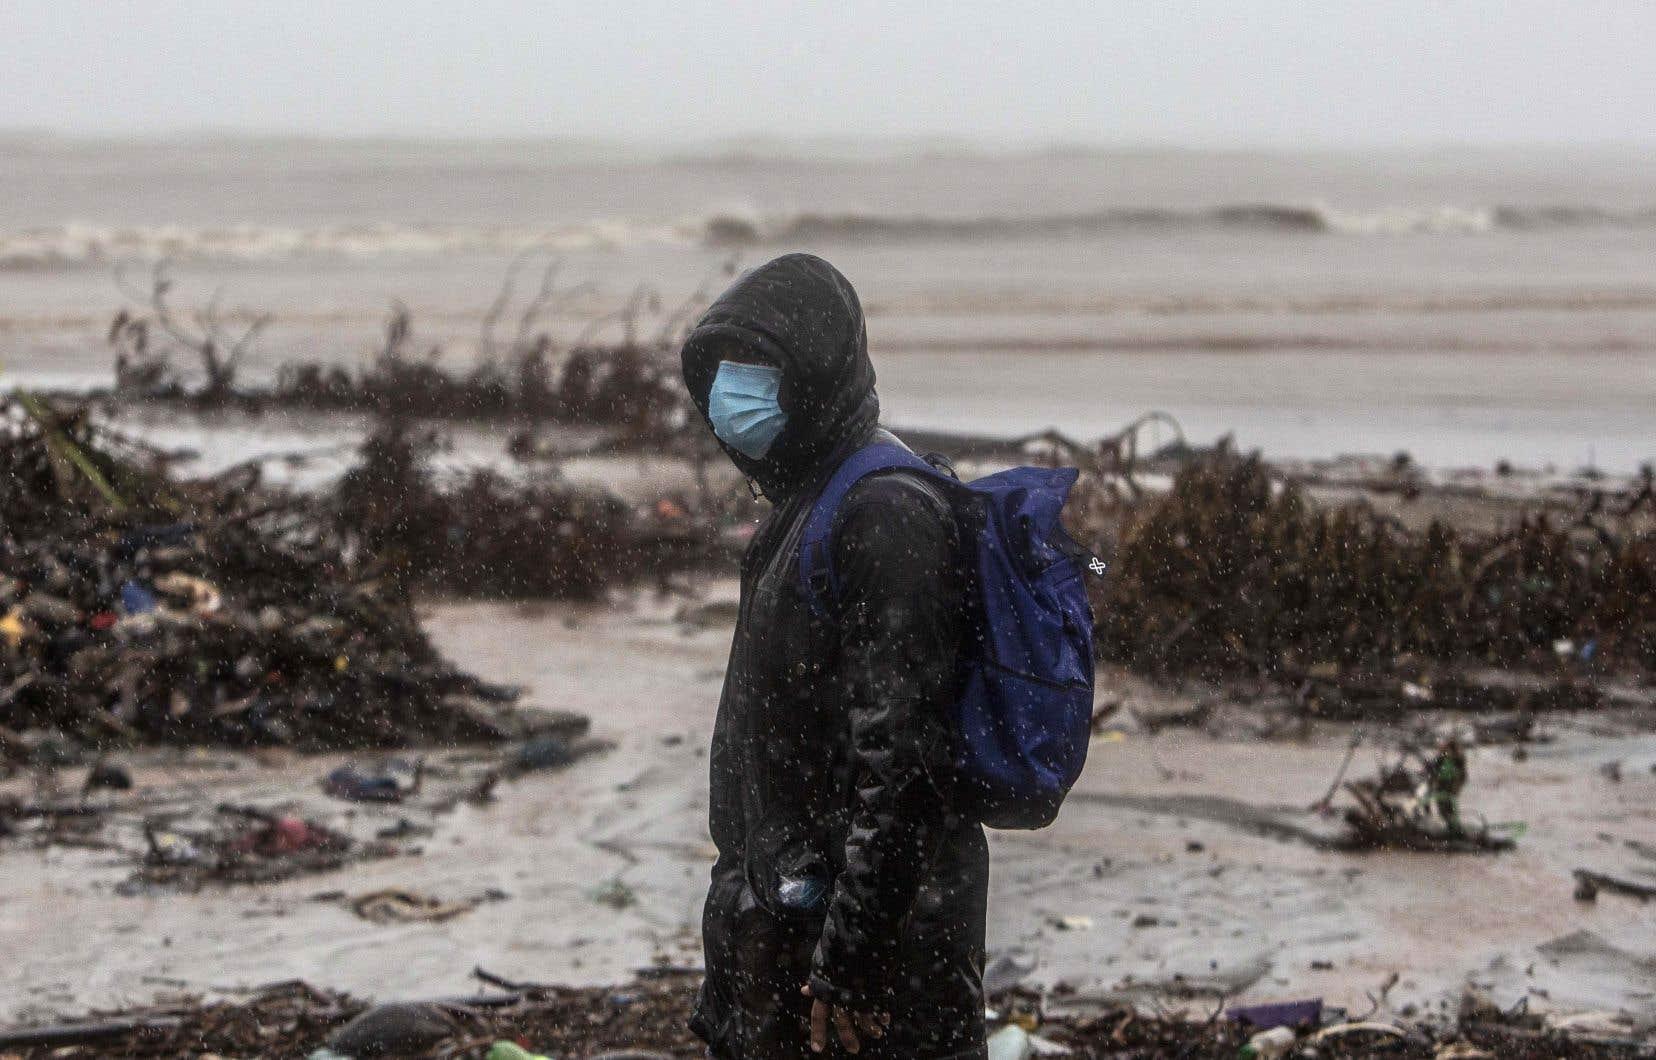 L'ouragan, le 13ede l'année à frapper l'Amérique centrale, menace des zones au Honduras et au Nicaragua de «pluies torrentielles», de «vents extrêmement violents» et de «submersions côtières dangereuses», selon les météorologues américains.